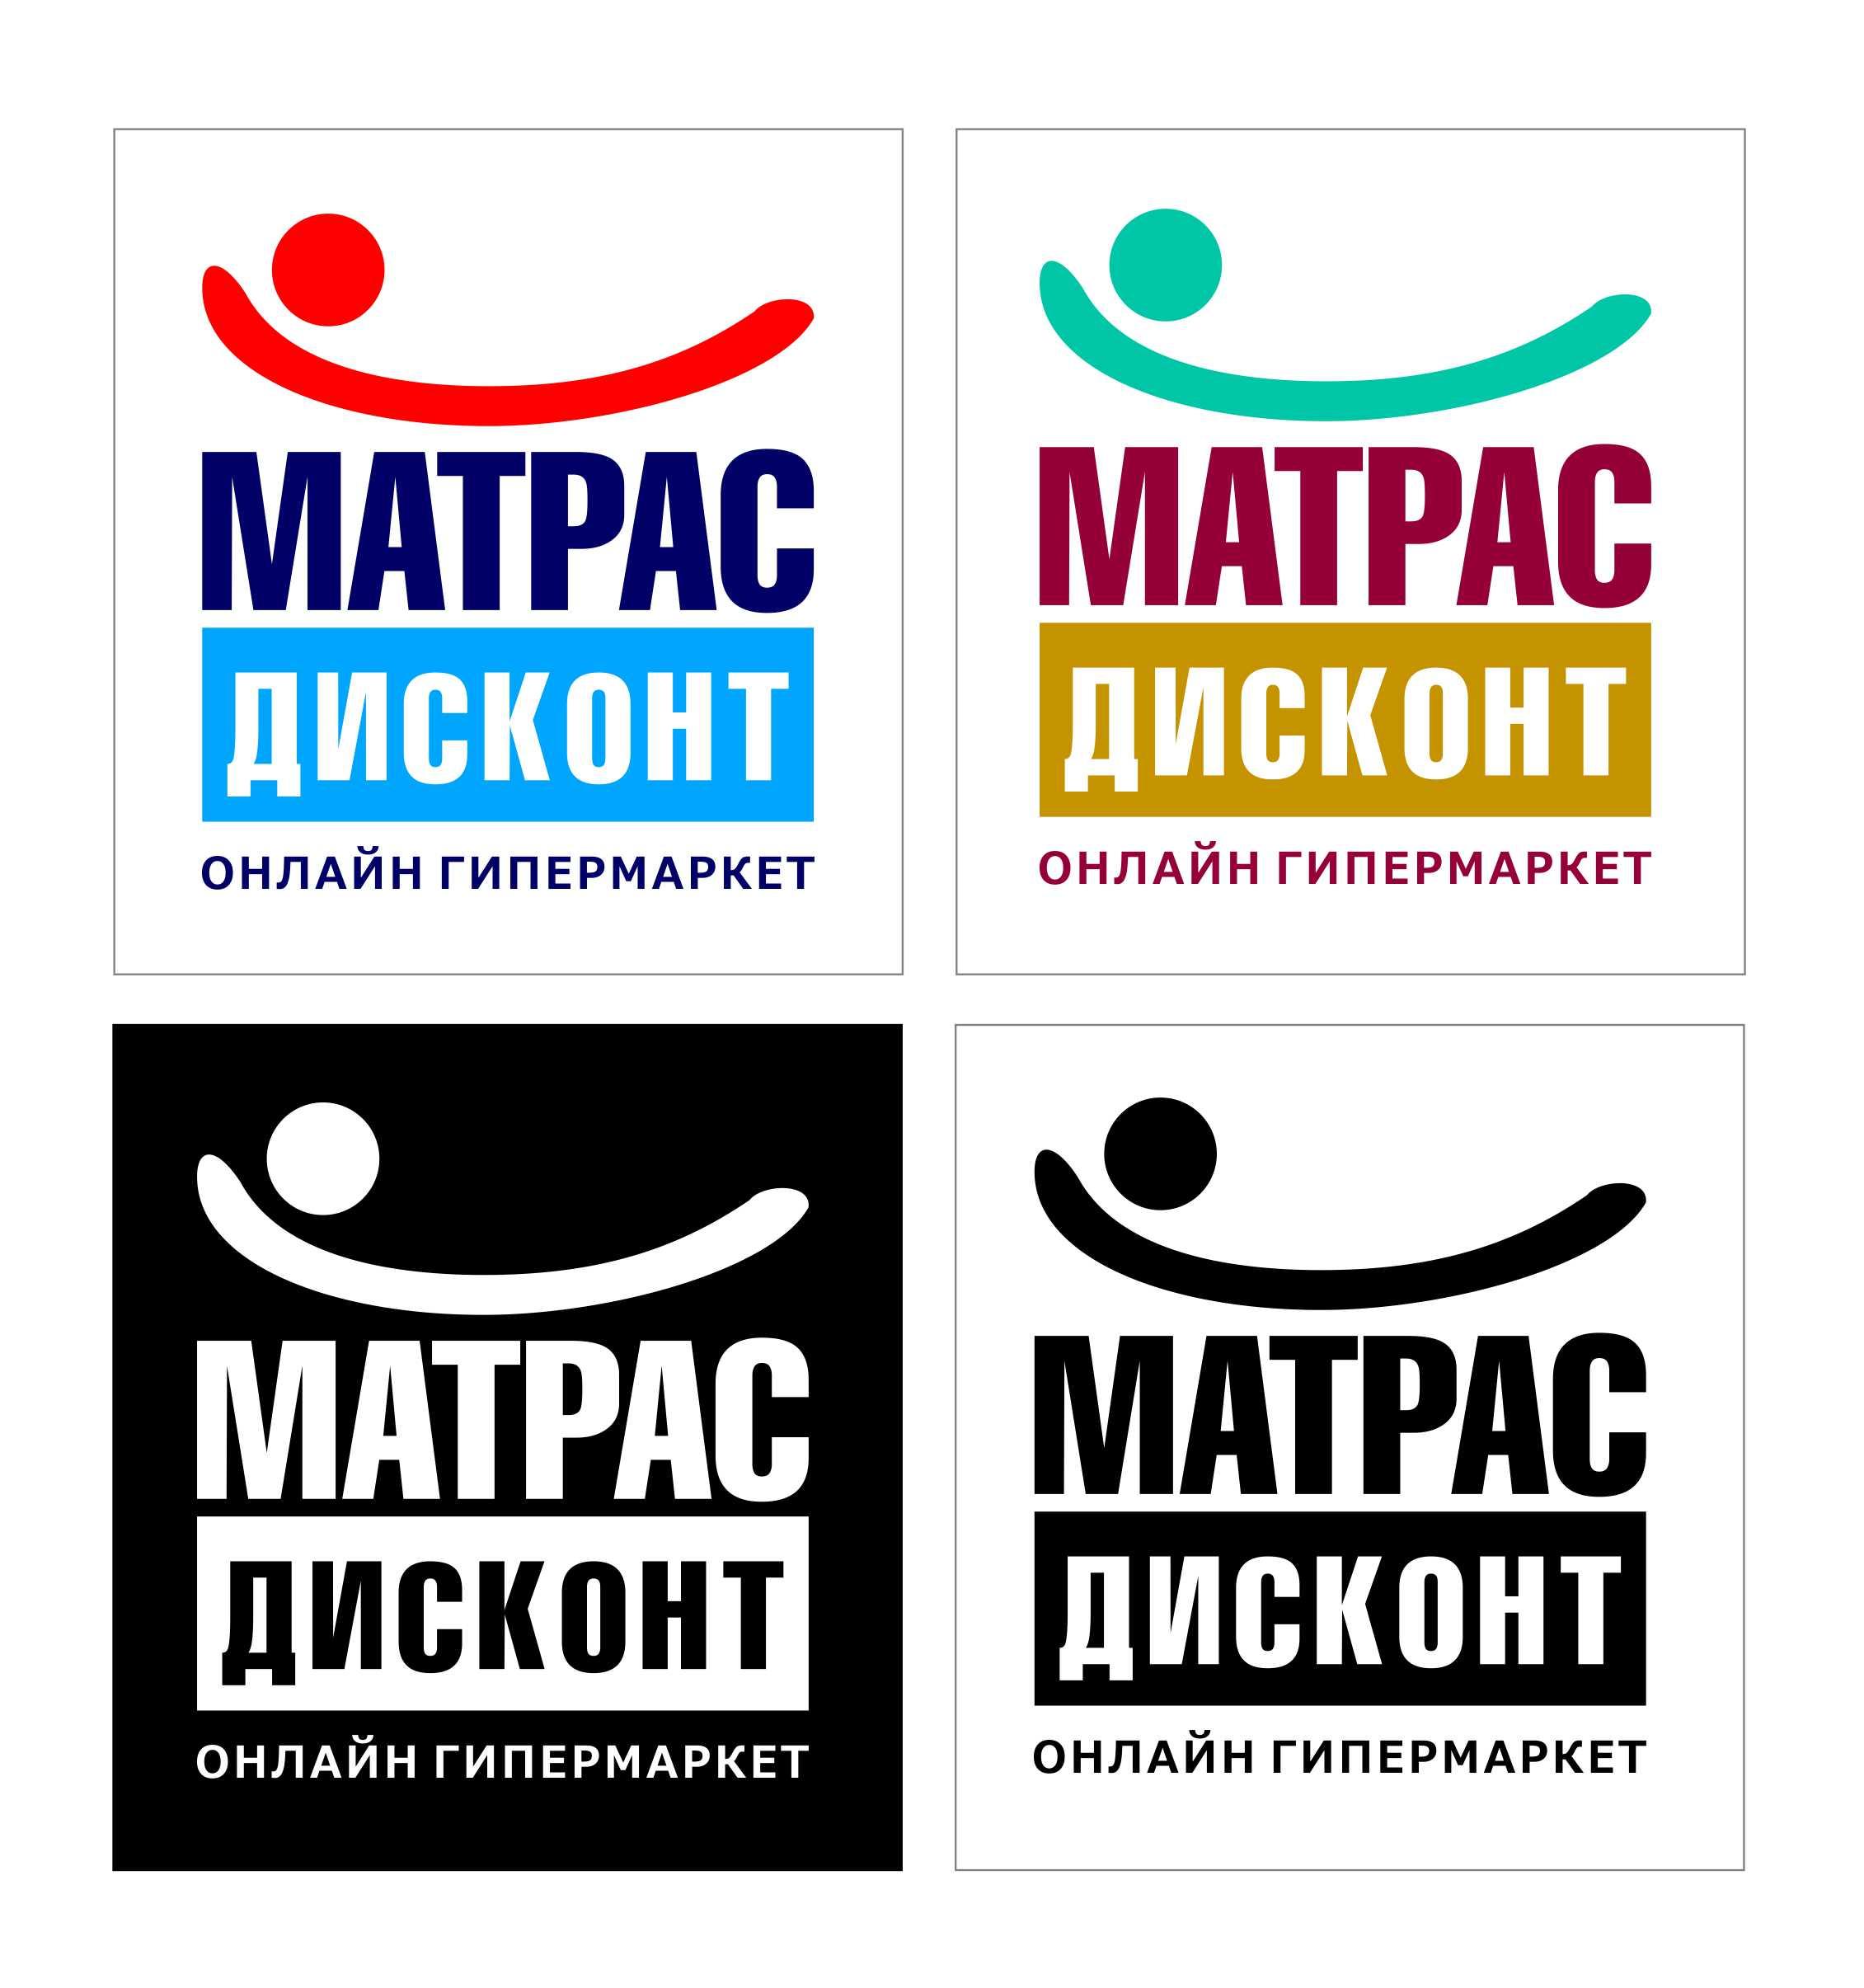 Логотип для ИМ матрасов фото f_5505c8671b797a74.jpg